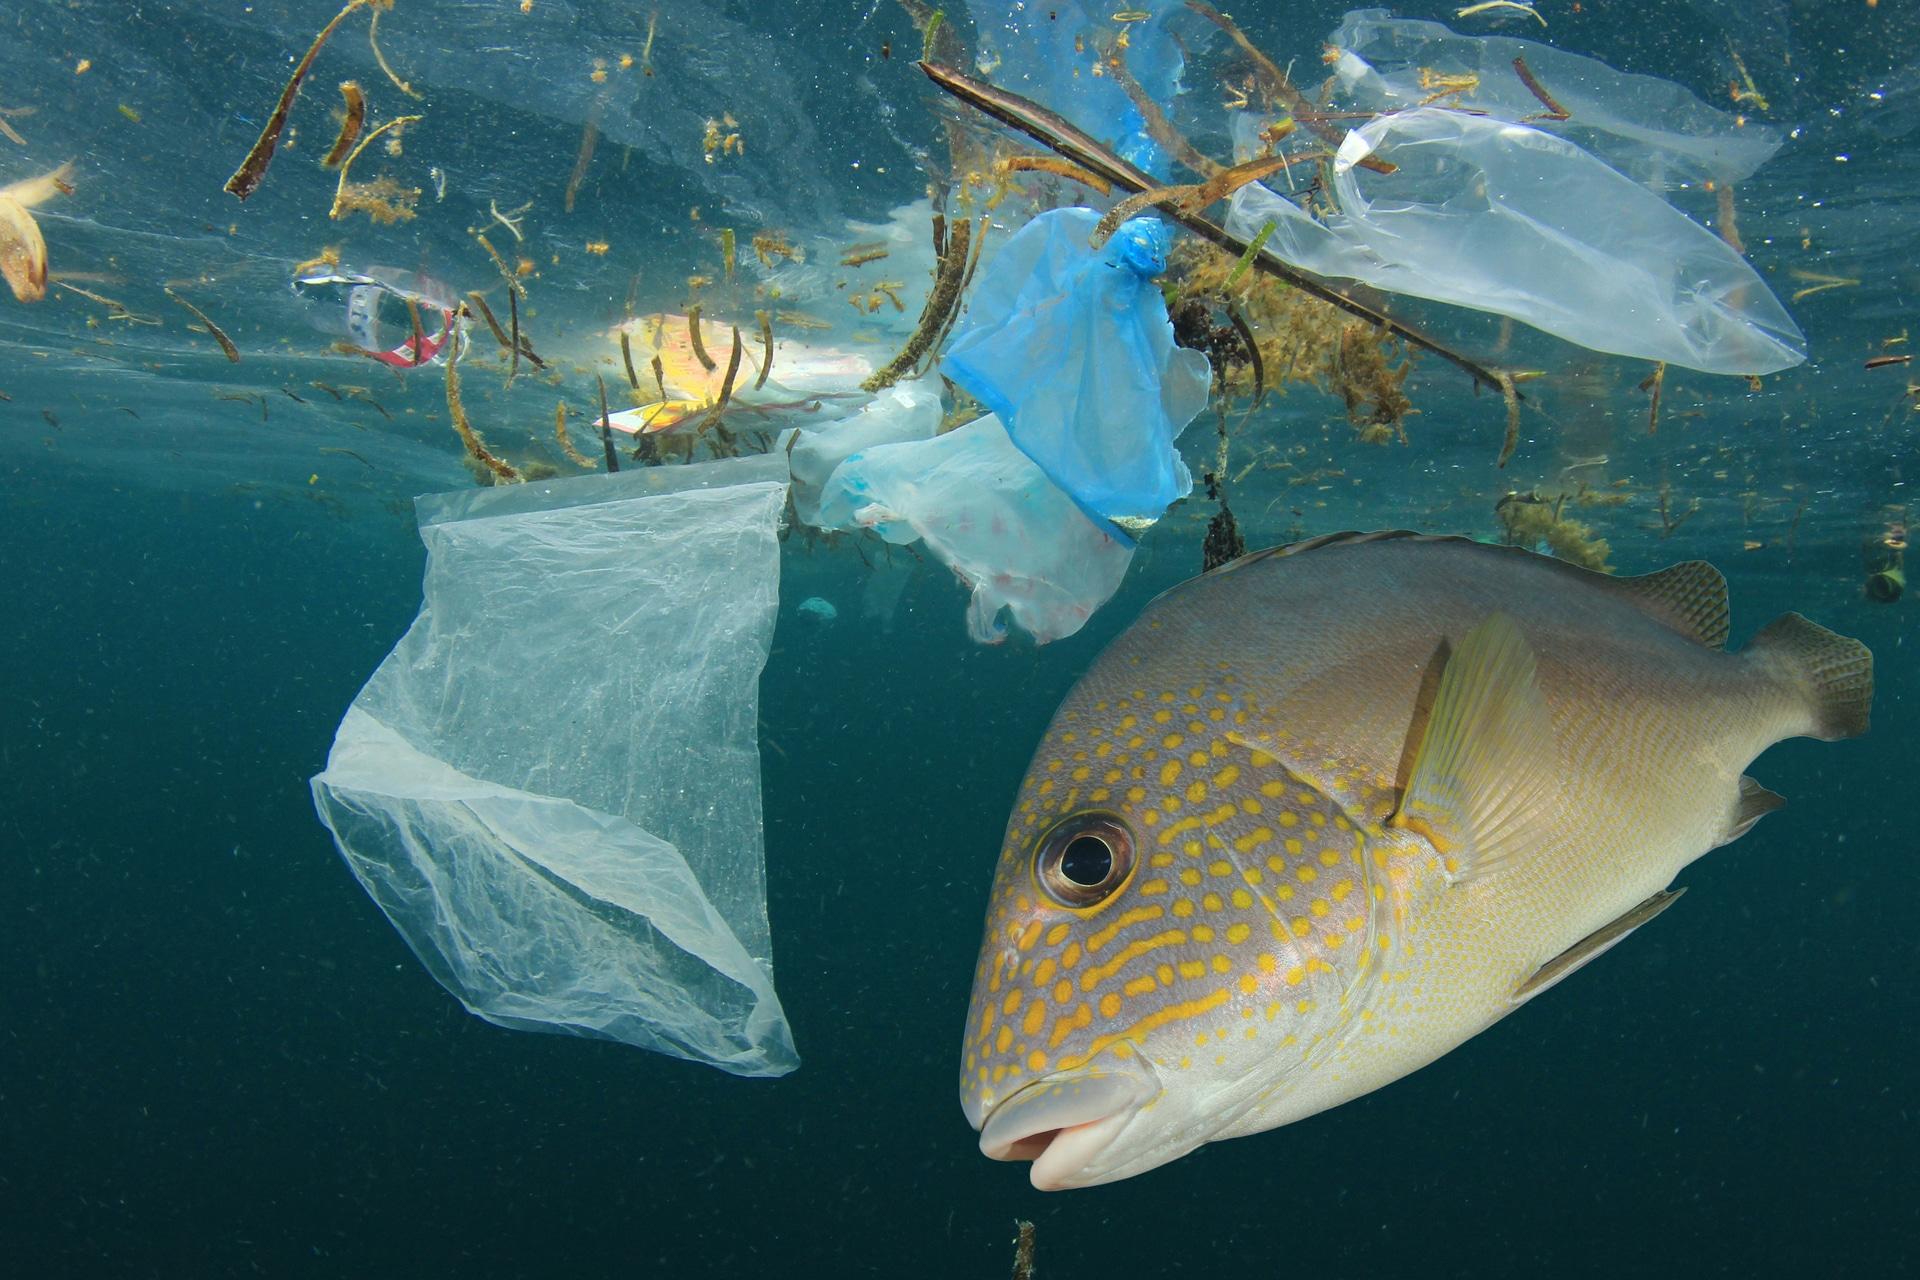 Rifiuti di plastica 103 le tonnellate raccolte per ripulire l'Oceano Pacifico